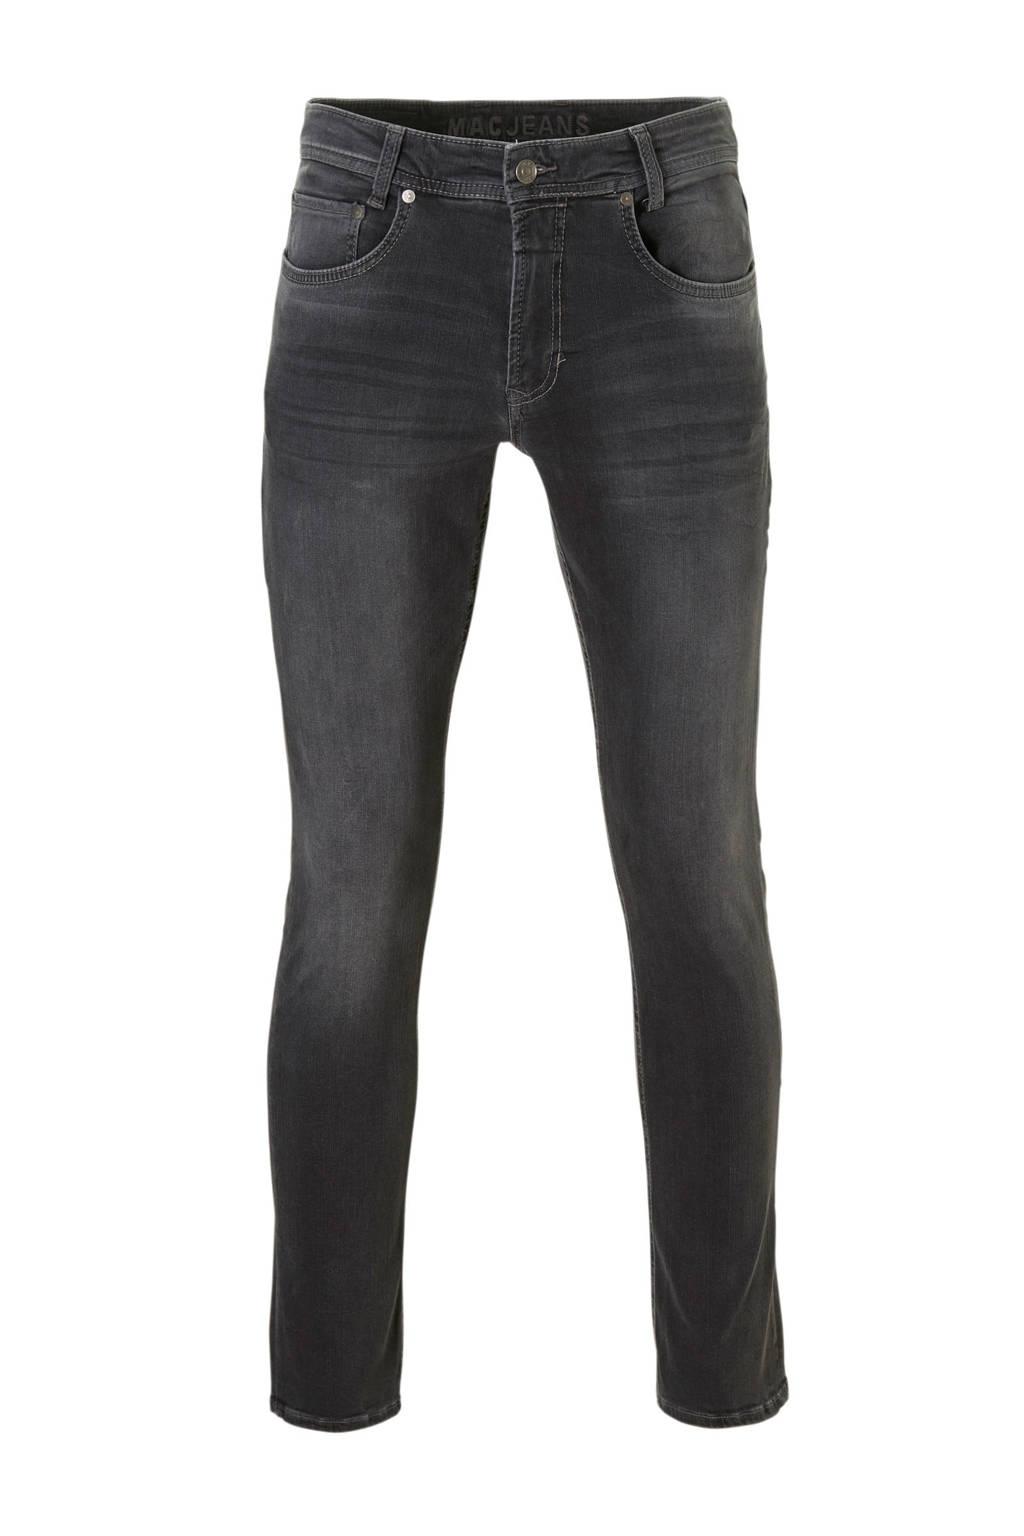 MAC regular fit jeans Arne modern, Light grey ushed